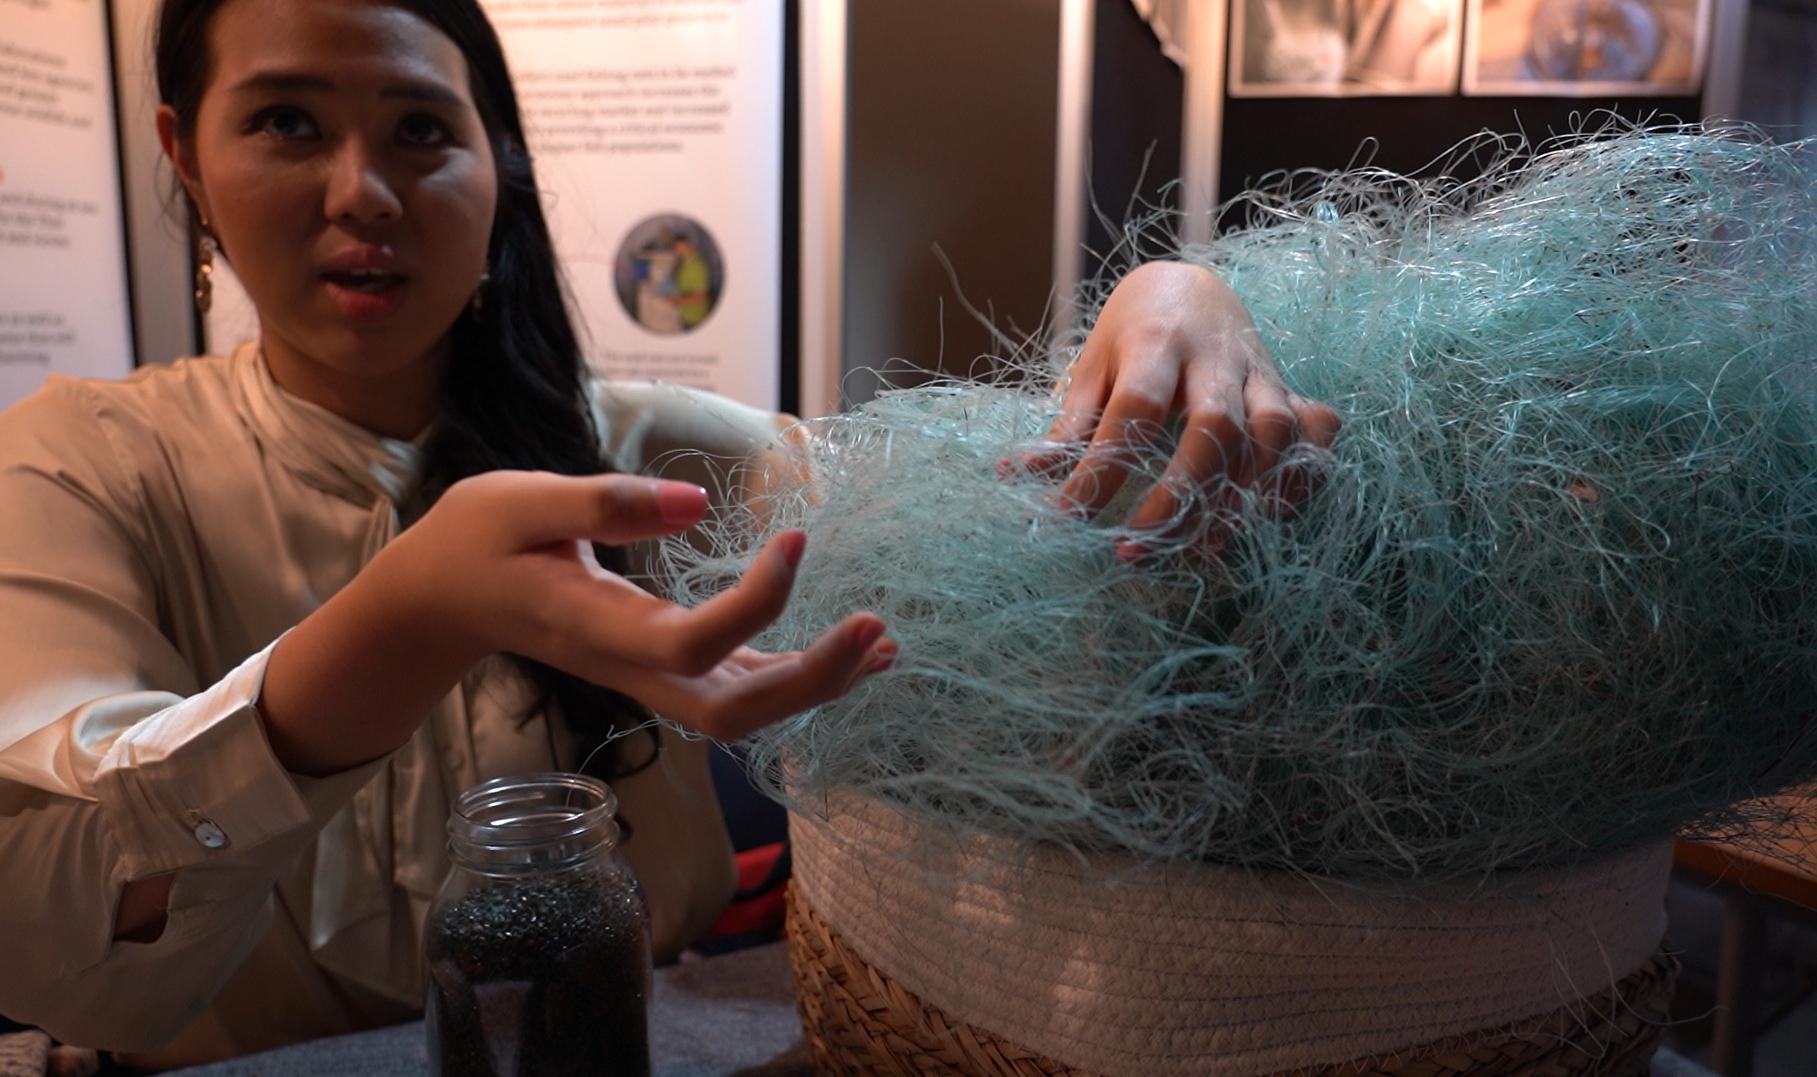 태국 환경단체 EJF(Environmental Justice Foundation)의 활동가 잉팟 팍체라차쿨. 지금은 폐 낚시줄을 재활용하는 프로젝트를 진행하고 있다. 김정연 기자